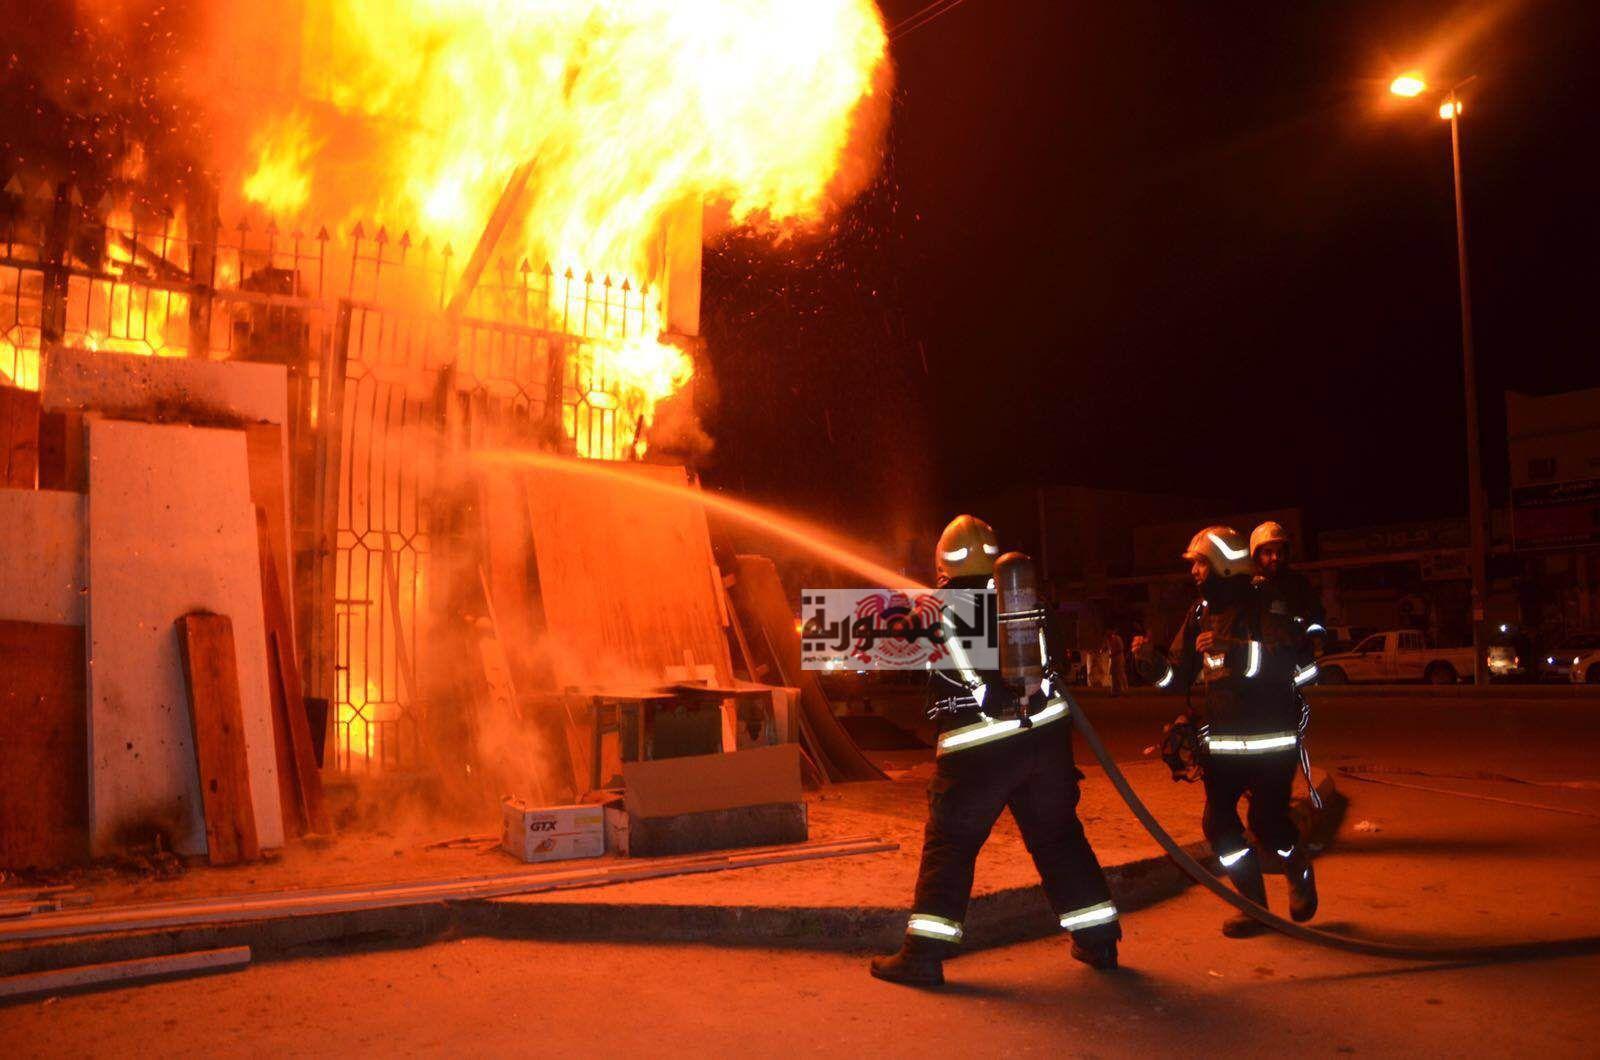 الحماية المدنية بالشرقية تسيطر على حريق بناحية عزبة كركور ابوكبير - شرقية